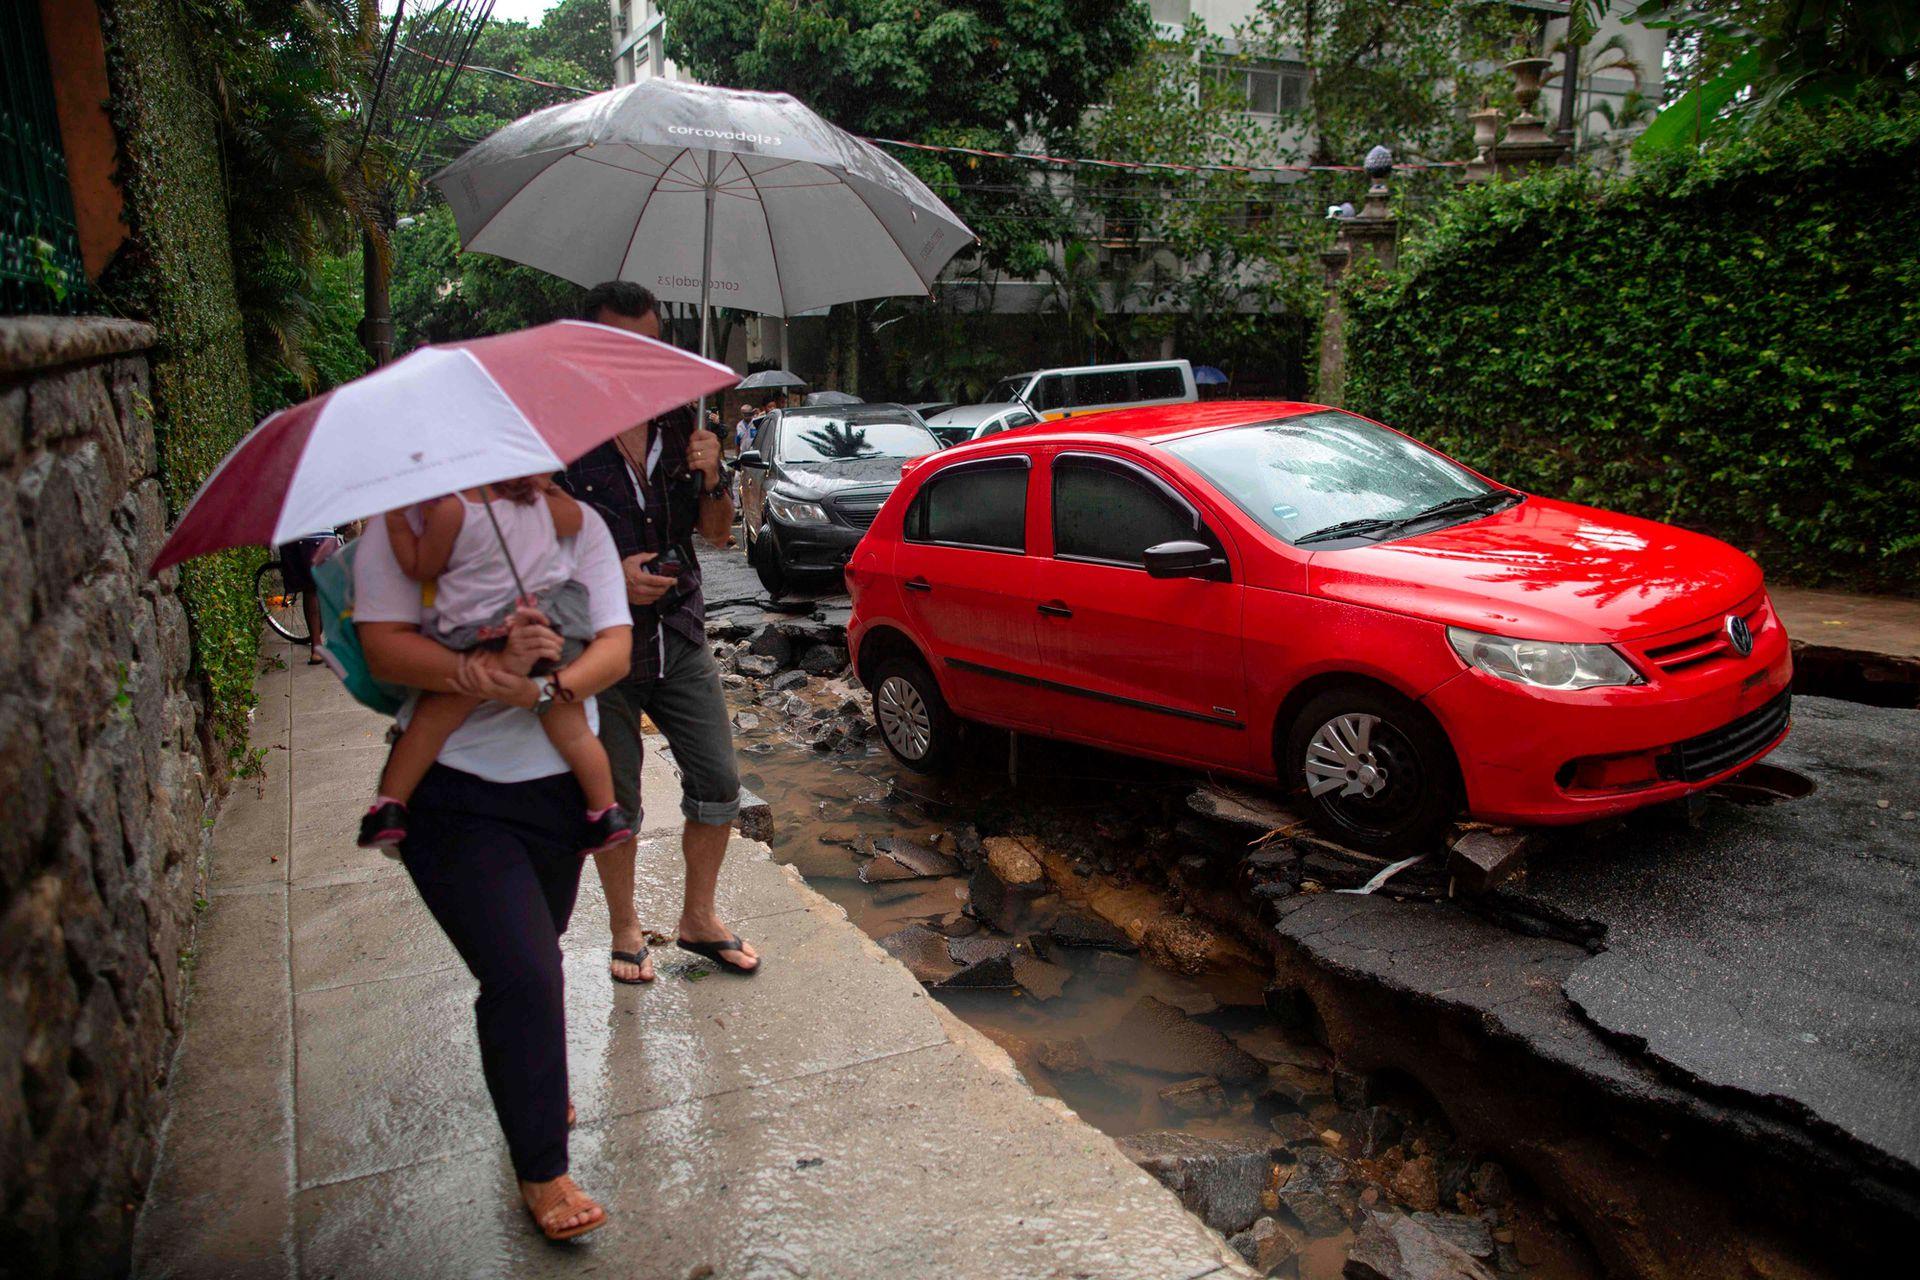 La gente camina por una calle dañada después de fuertes lluvias en el barrio Jardim Botanico en Río de Janeiro